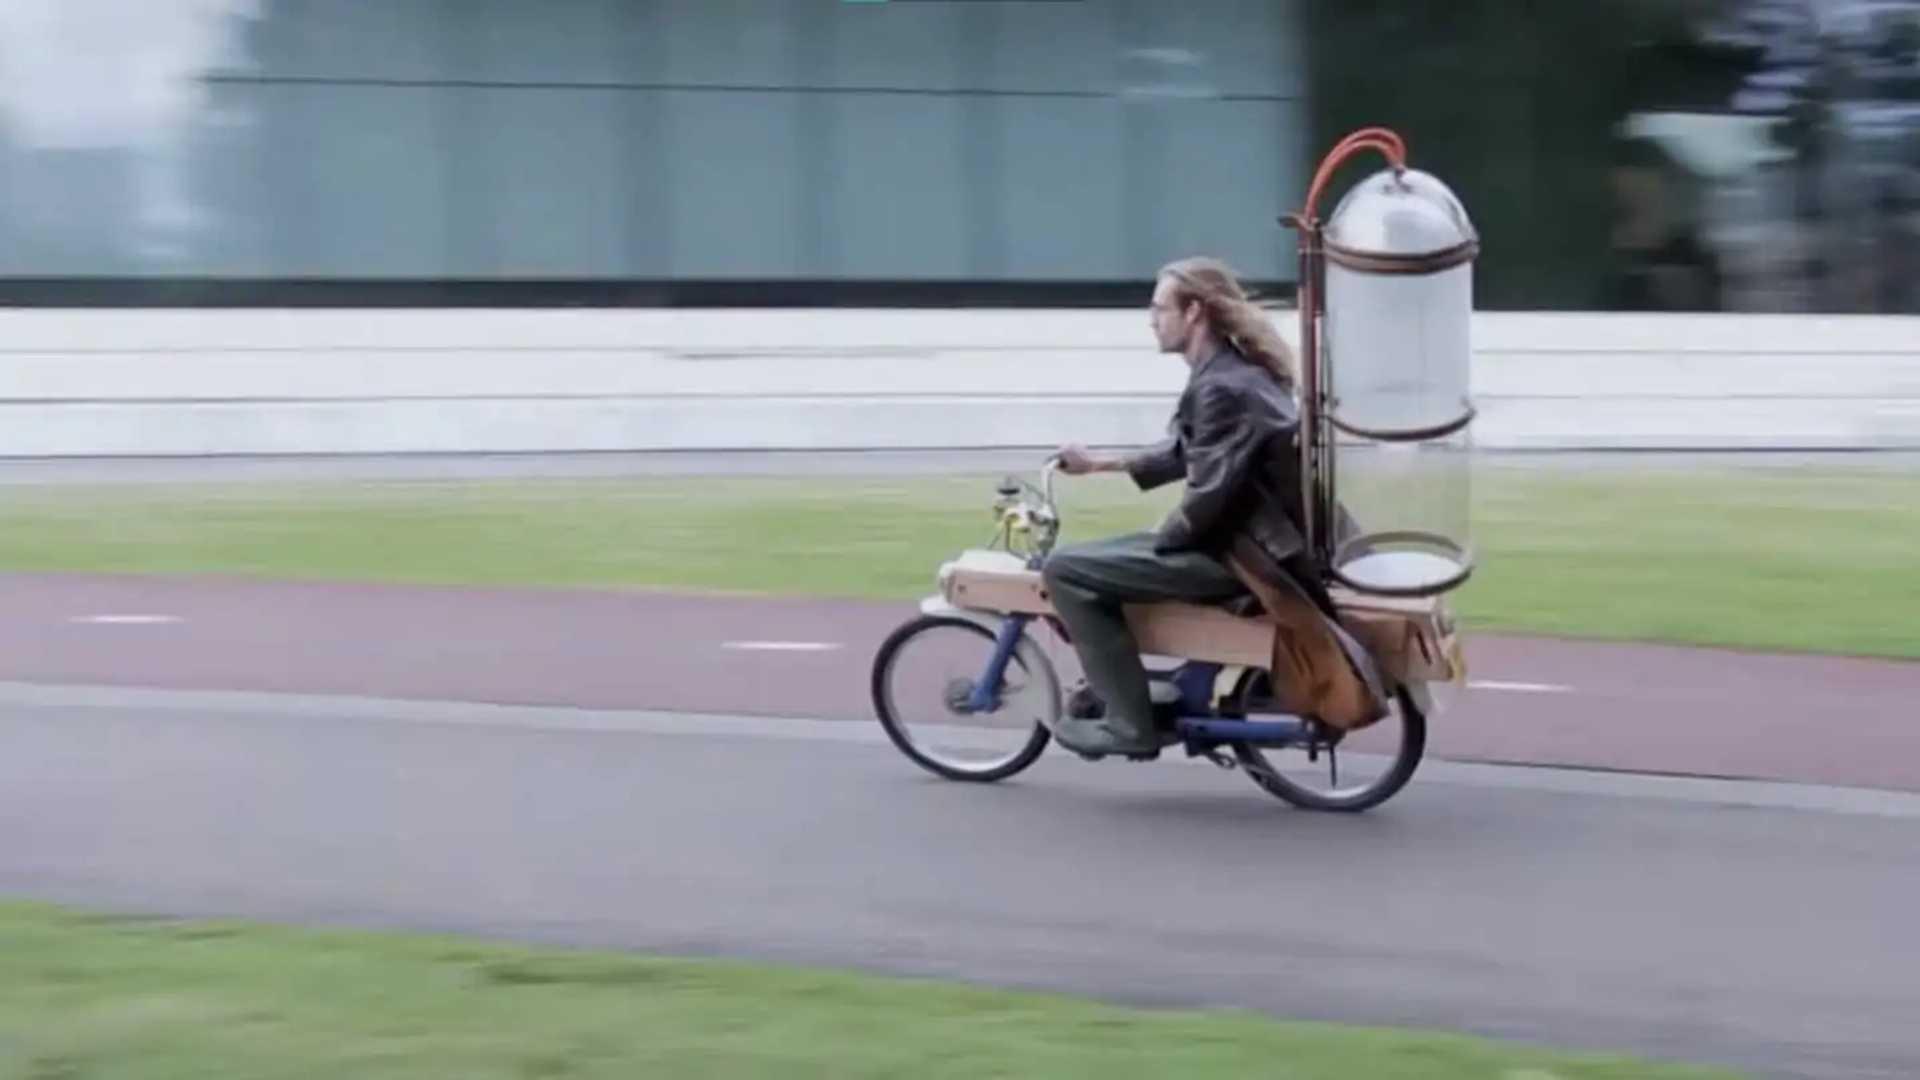 [Imagem: gijs-schalkx-methane-honda-moped.jpg]